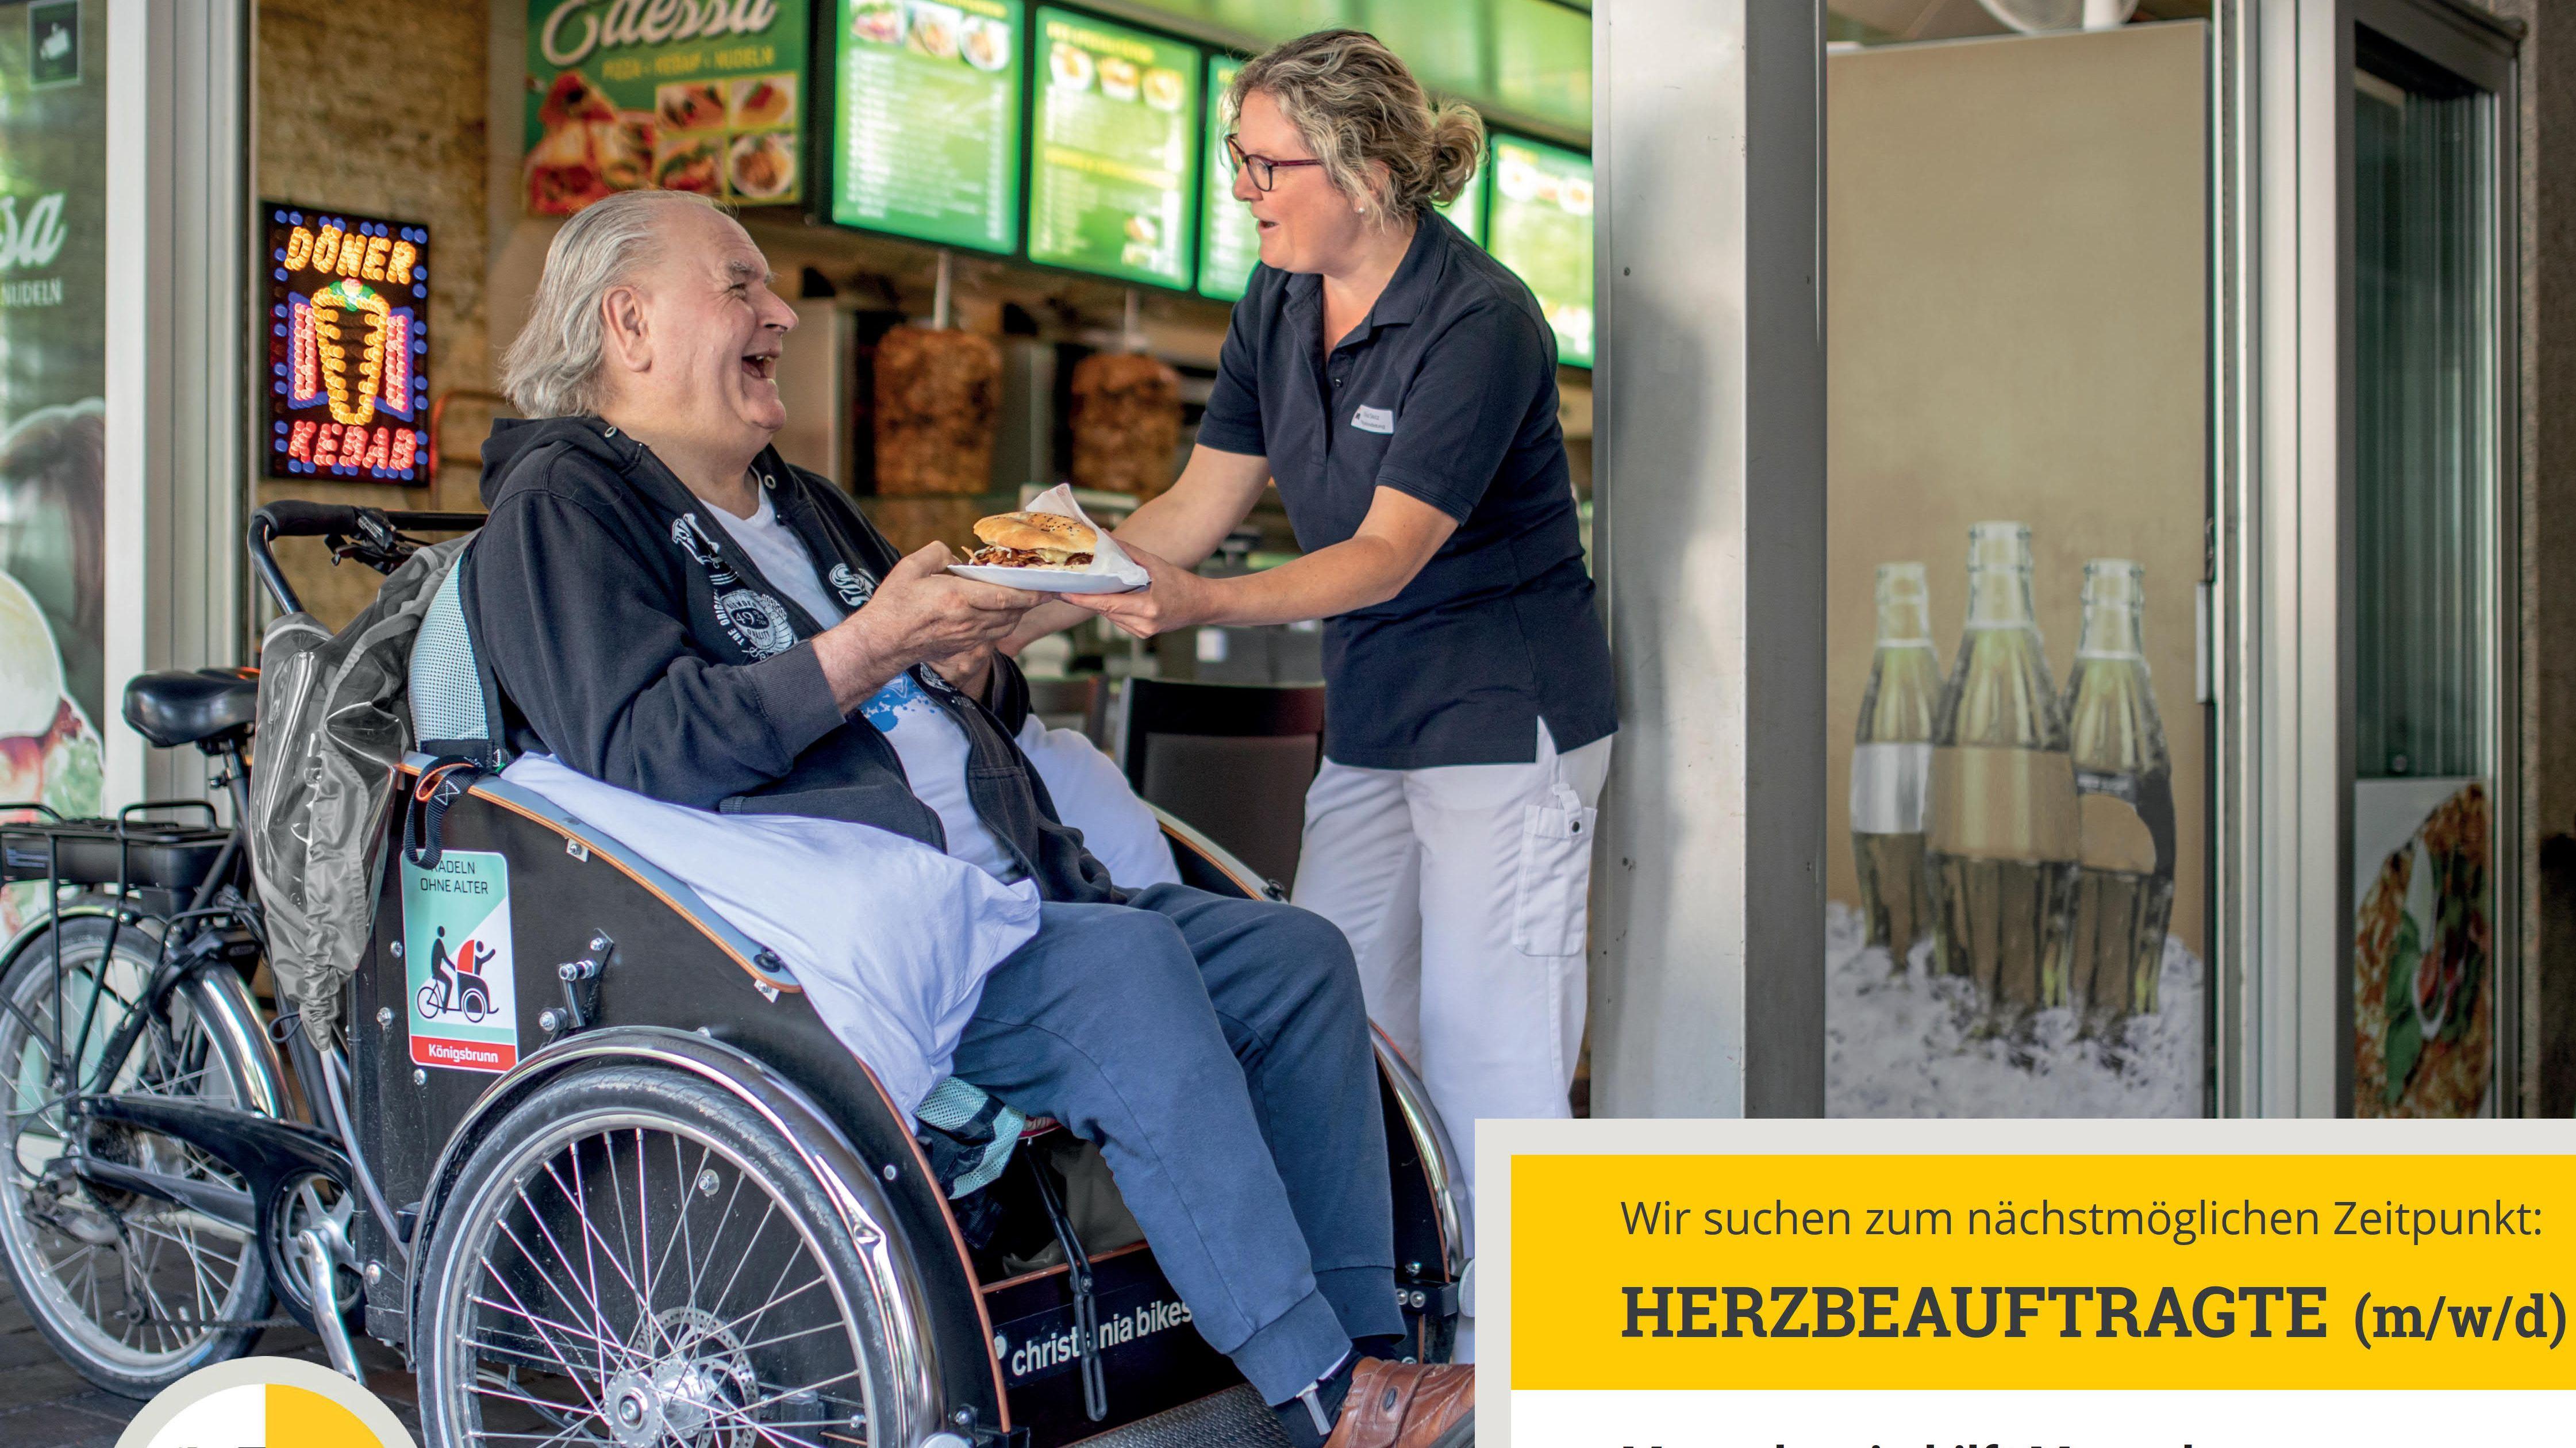 Ein Rollstuhlfahrer lacht glücklich eine Pflegerin an, die ihm einen Bürger reicht.